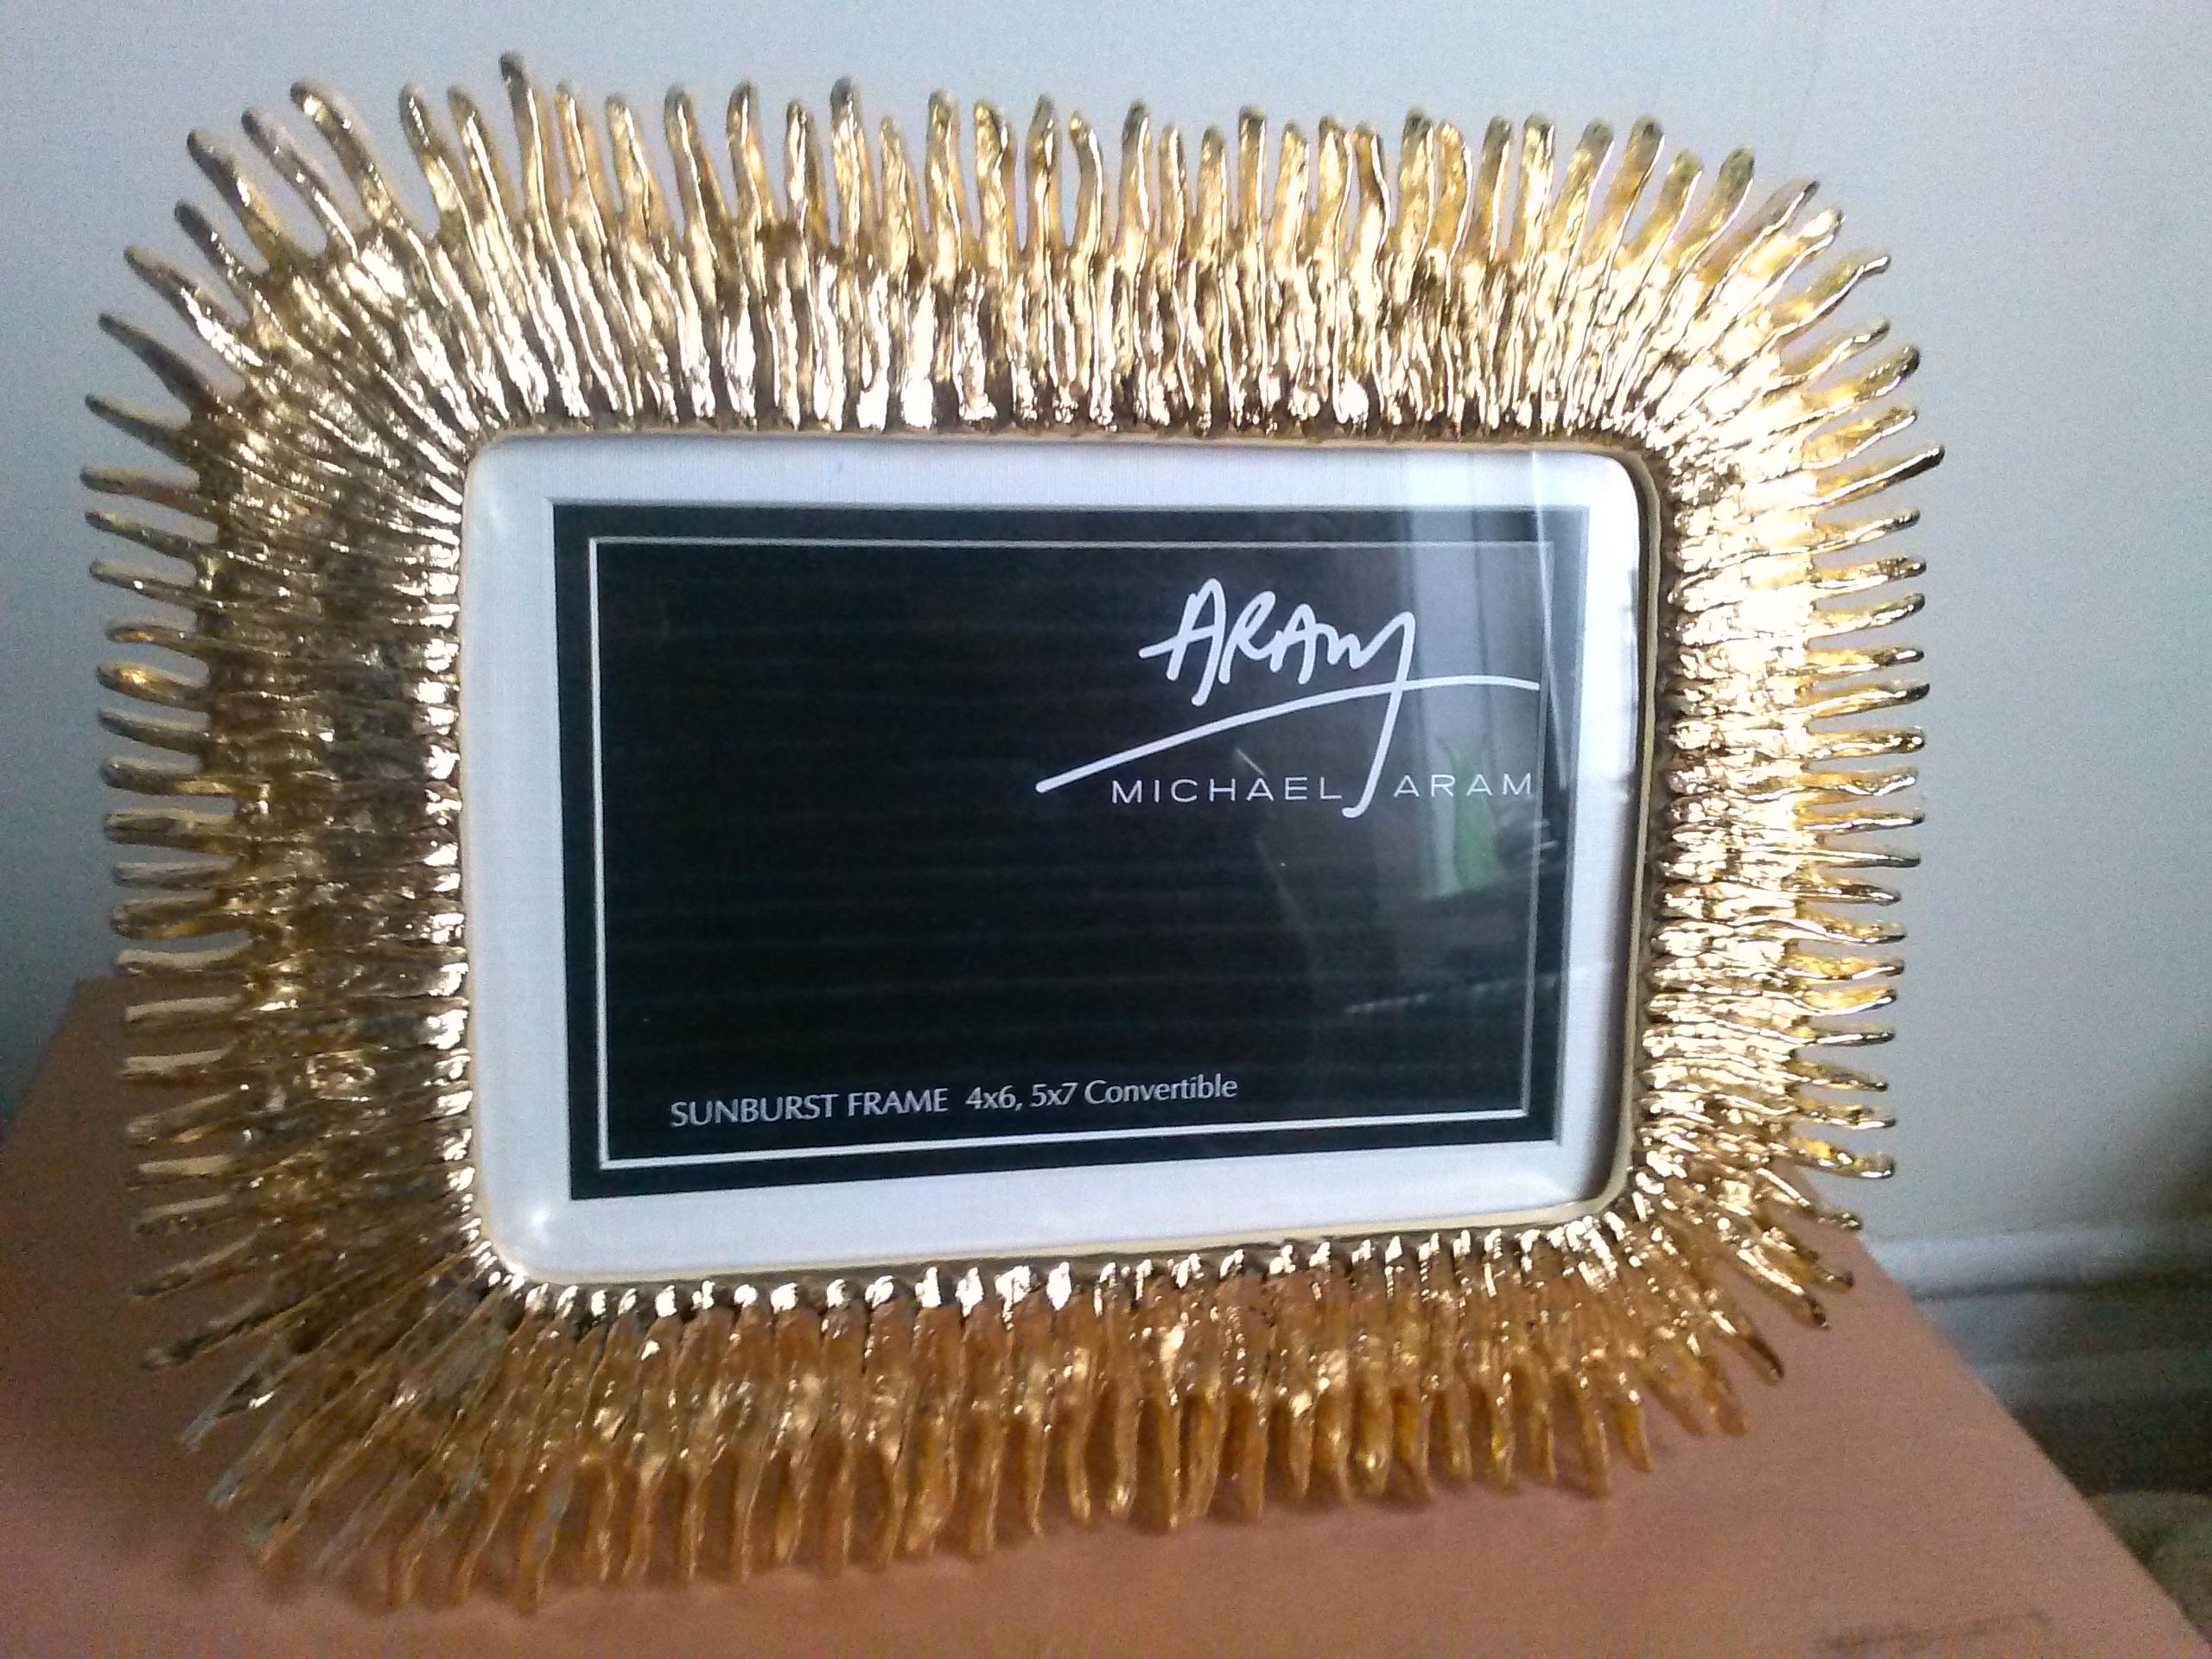 michael aram sunburst frame - Michael Aram Picture Frames